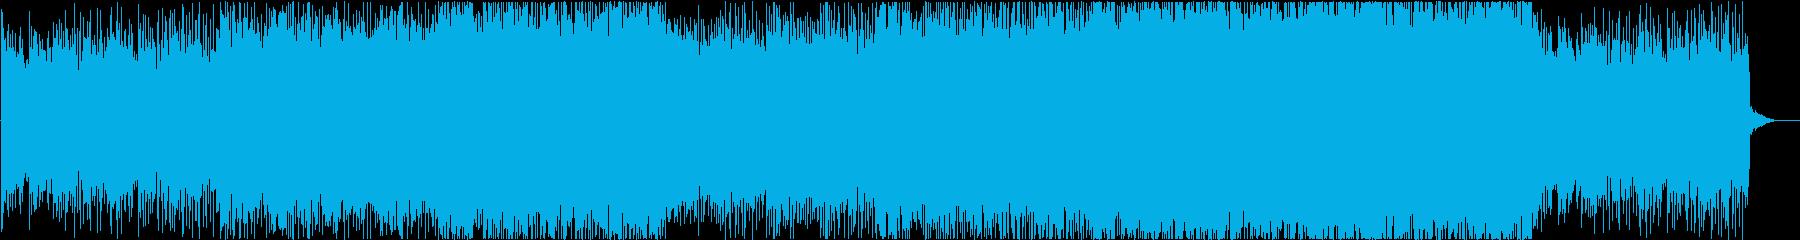 ダークでミステリアスなアクション系劇伴の再生済みの波形